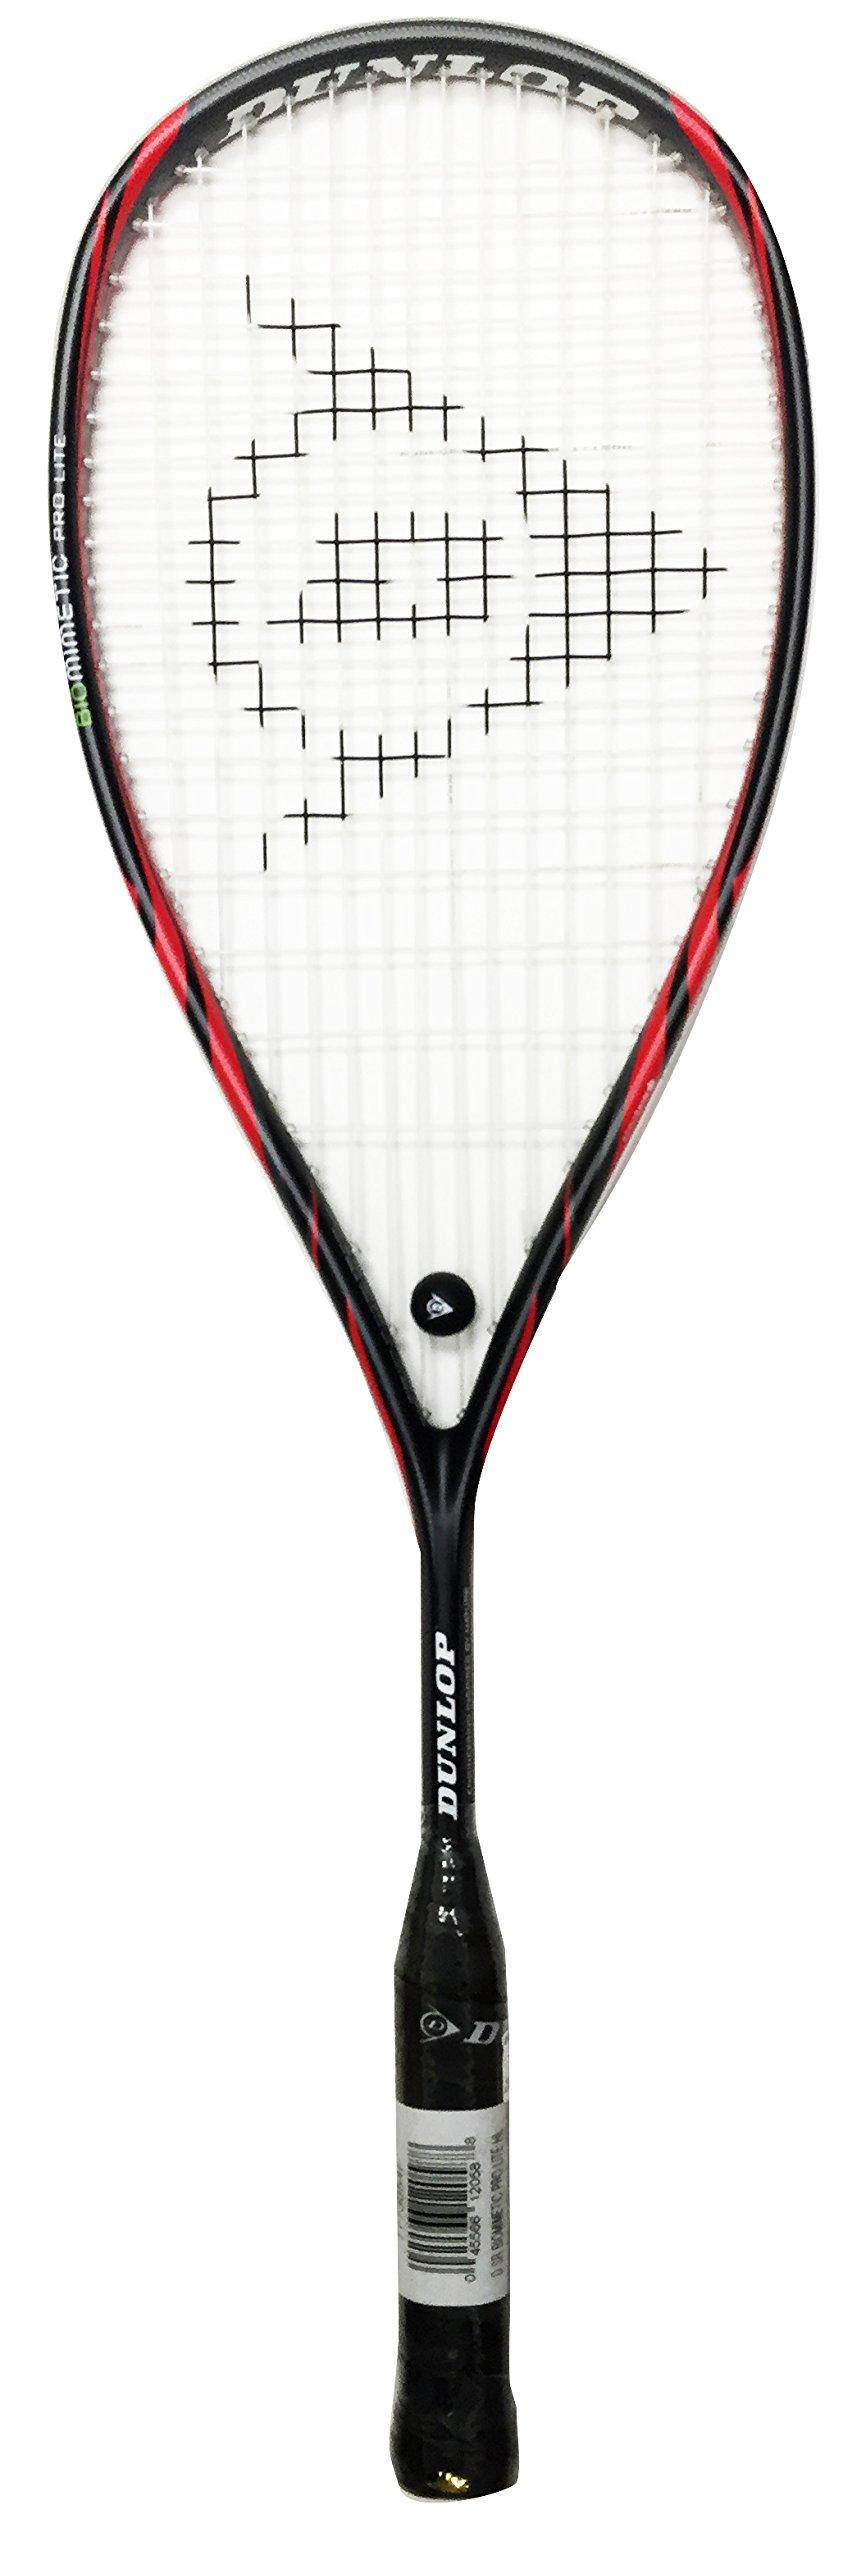 Dunlop '12 Biomimetic Pro Lite Squash Racquet [Misc.]